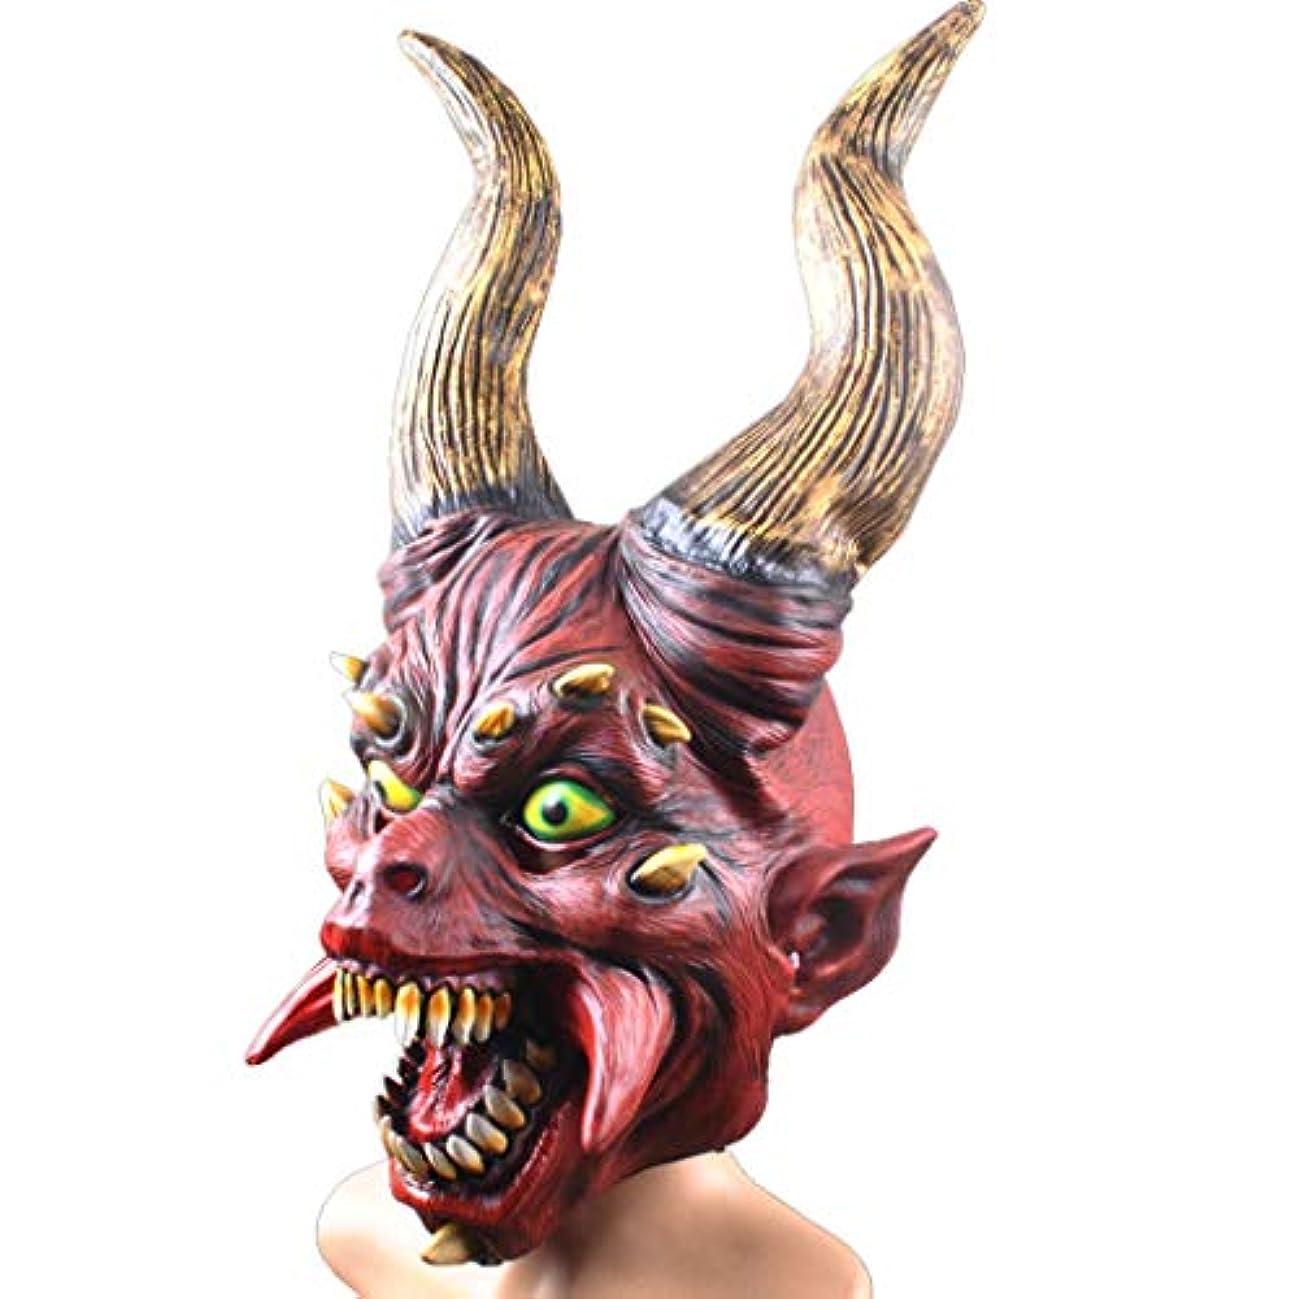 モジュールセレナ夜の動物園ハロウィーン仮装ドレスアップ小道具全体人悪魔ホラーゴーストフェイスフードラテックスフードドラゴンキングマスク